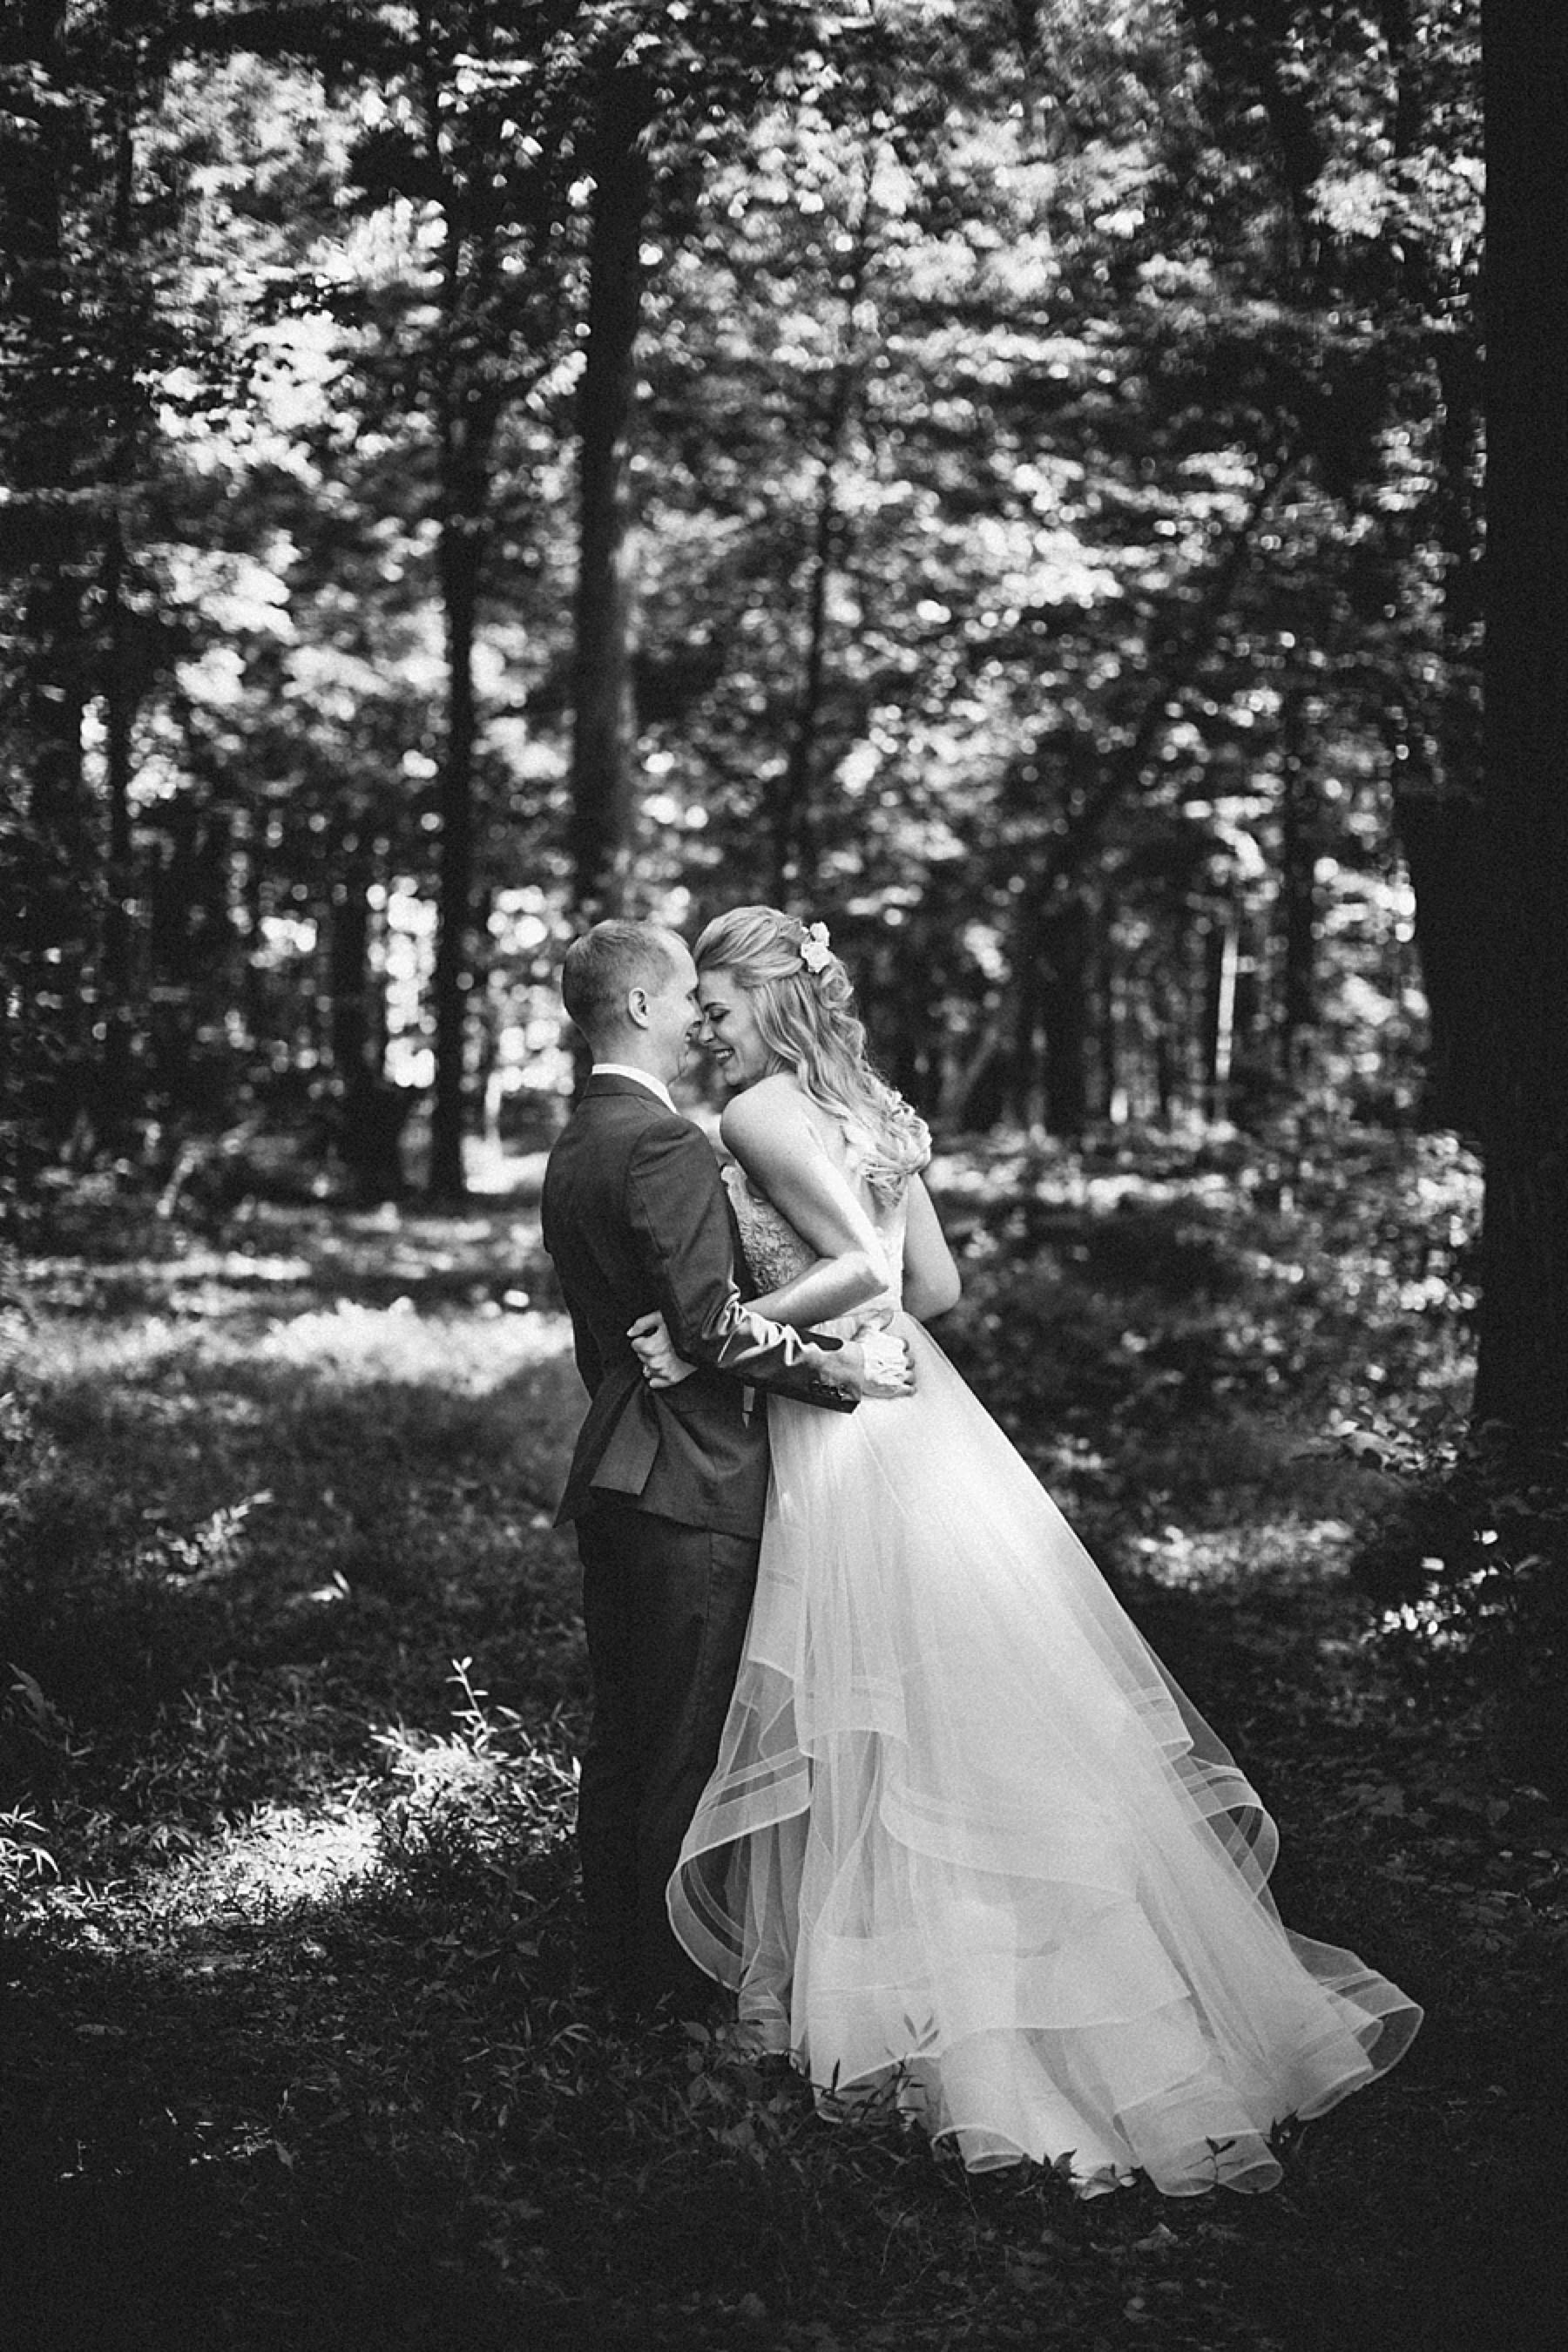 childhood-home-wedding-new-hope-pa-lambertville-nj_0098.jpg